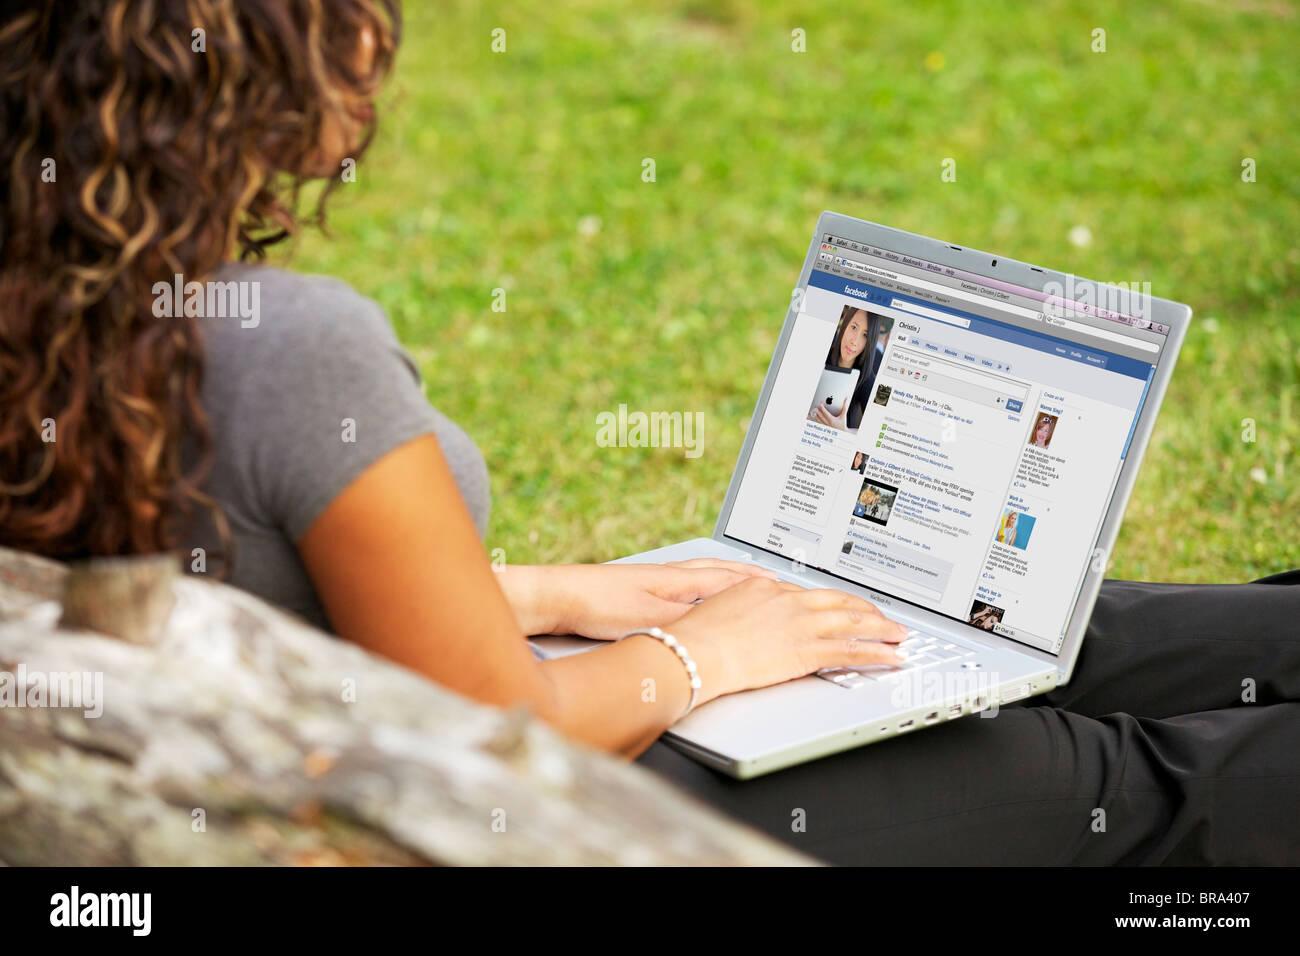 Jeune femme contrôle page Facebook en ligne sur un seul ordinateur portable au parc Photo Stock